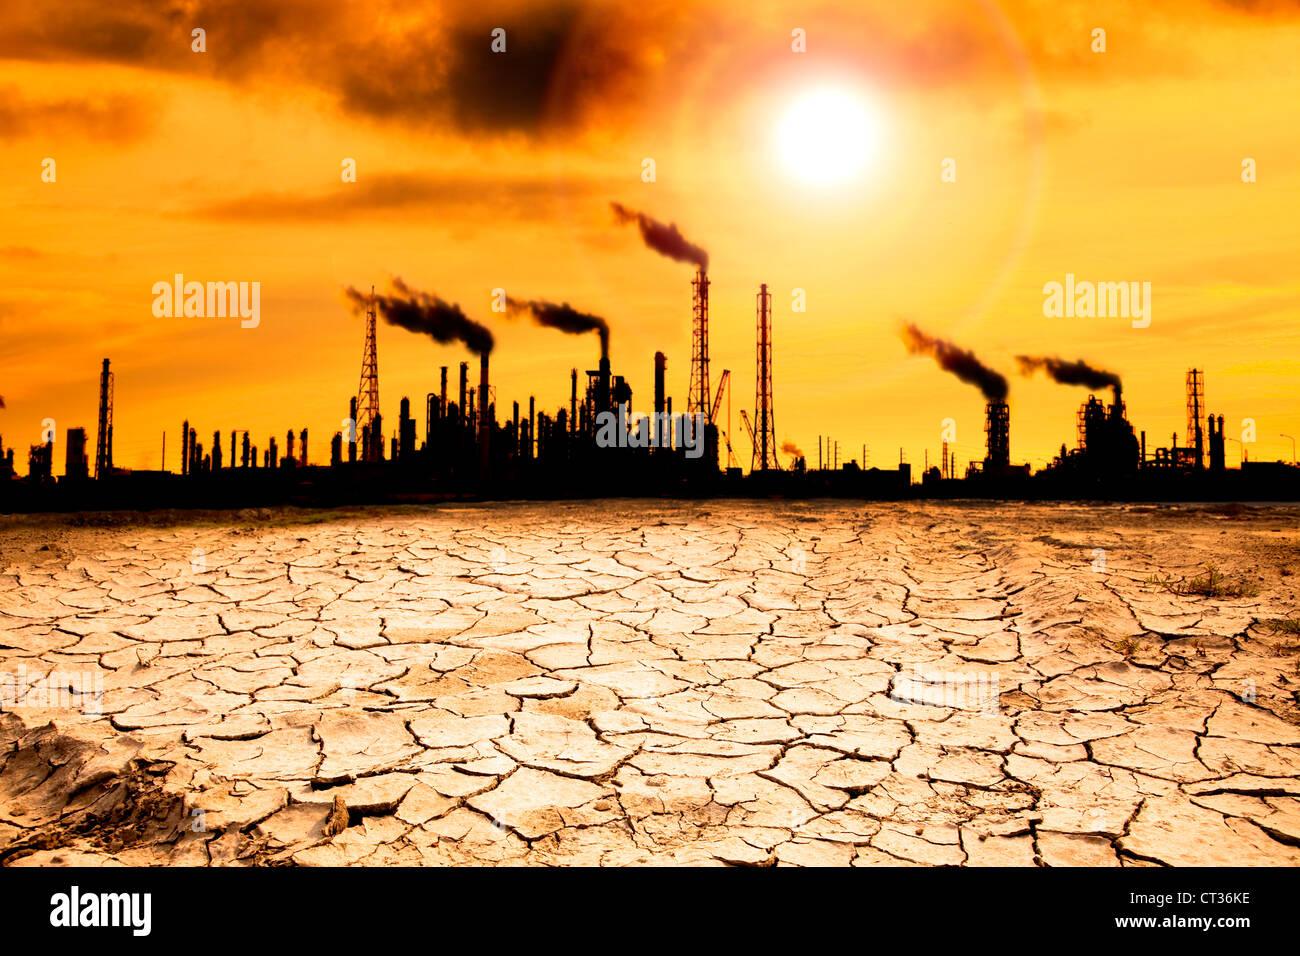 Raffinerie mit Rauch und globale Erwärmung Konzept Stockbild